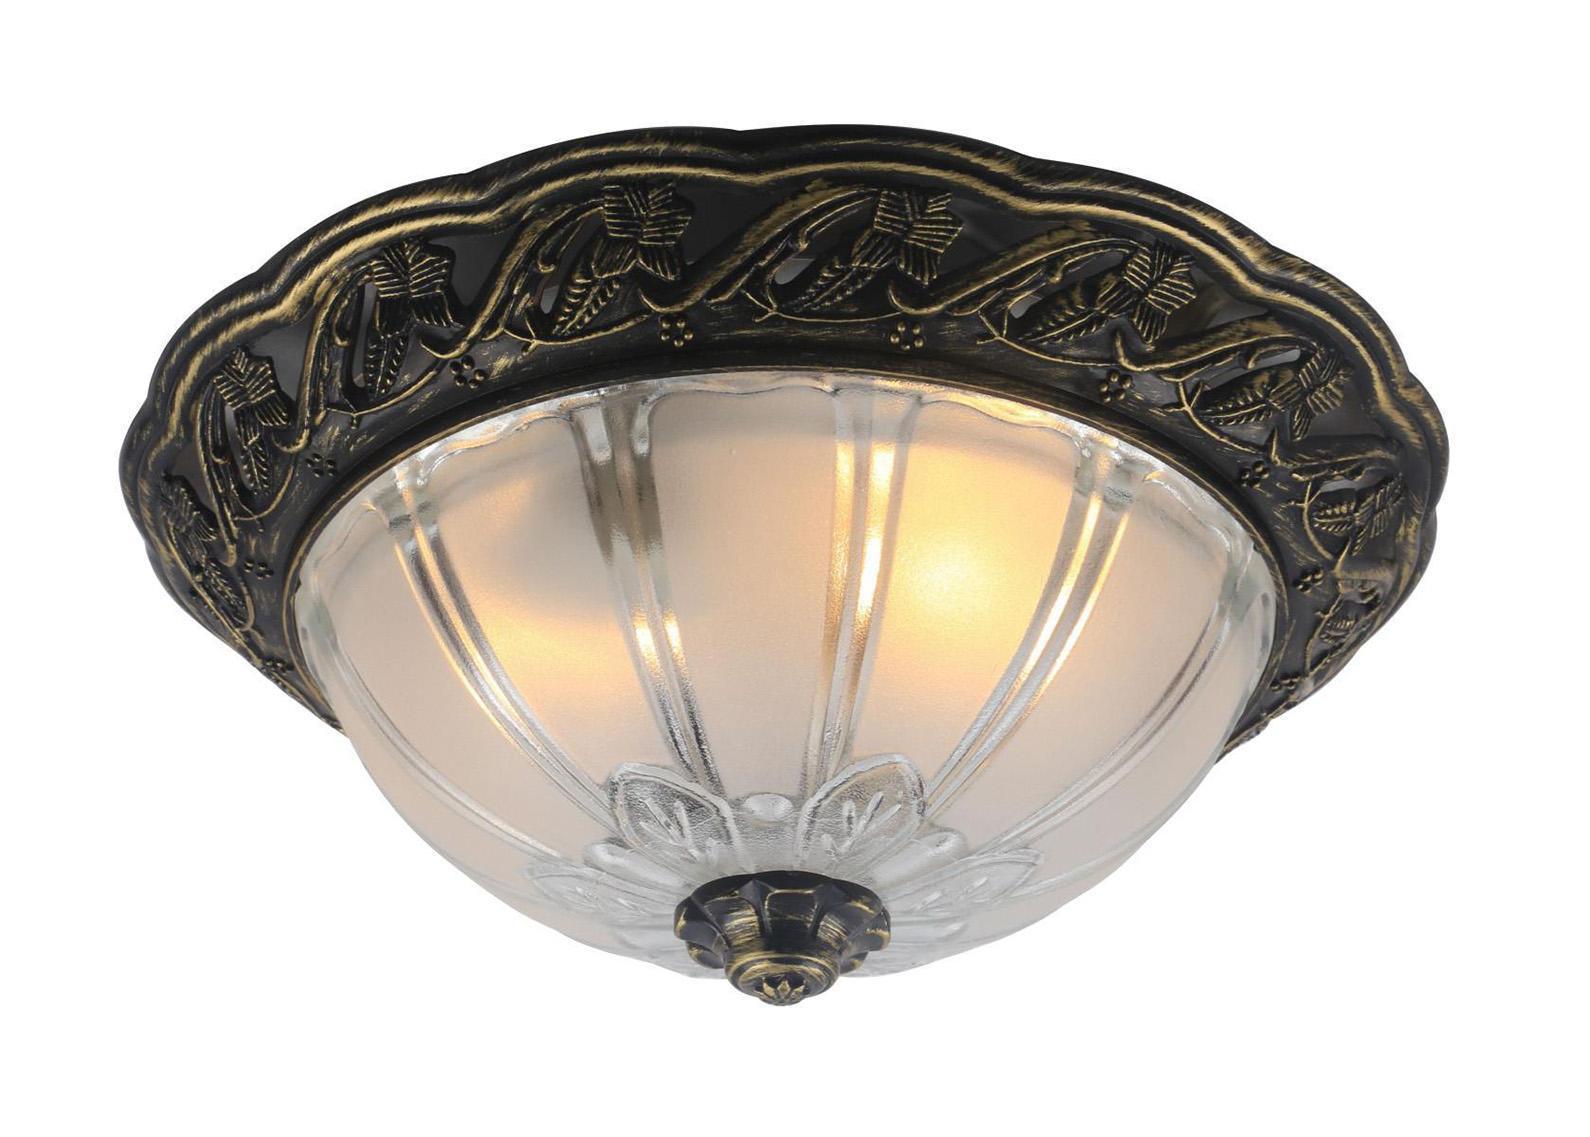 Светильник настенно-потолочный Arte lamp A8003pl-2ab arte lamp piatti a8003pl 2ab